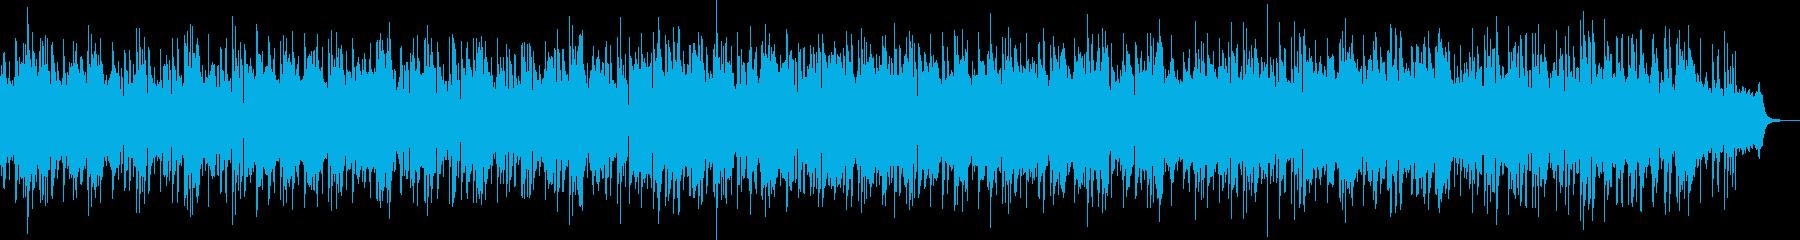 おしゃれで神秘的なメロディーの再生済みの波形